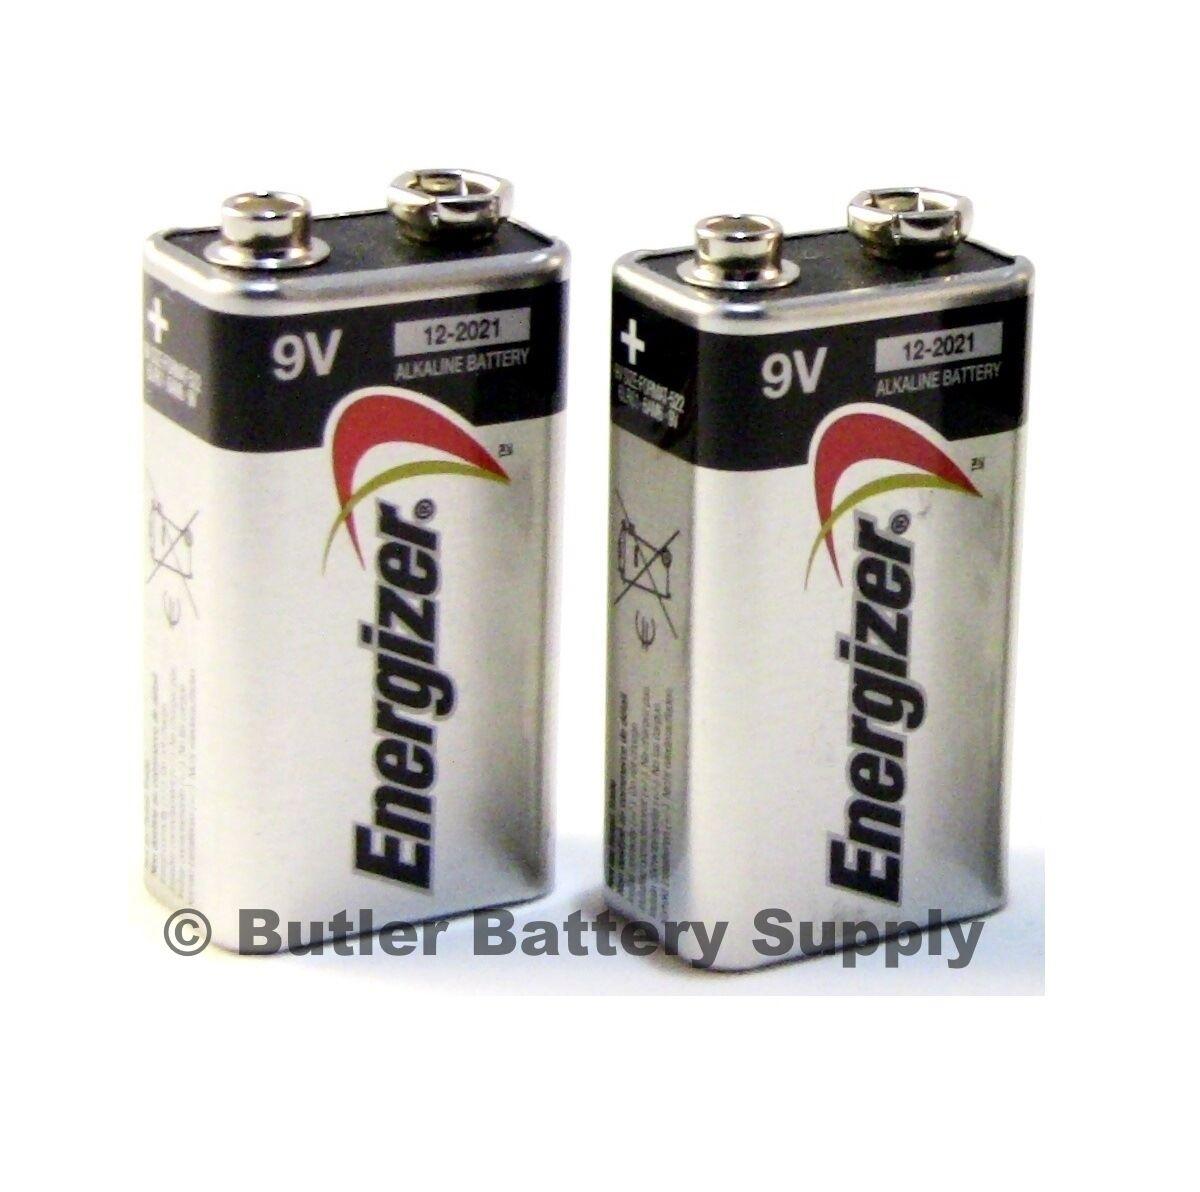 2 energizer max 9v 9 volt alkaline batteries 522 6lr61. Black Bedroom Furniture Sets. Home Design Ideas